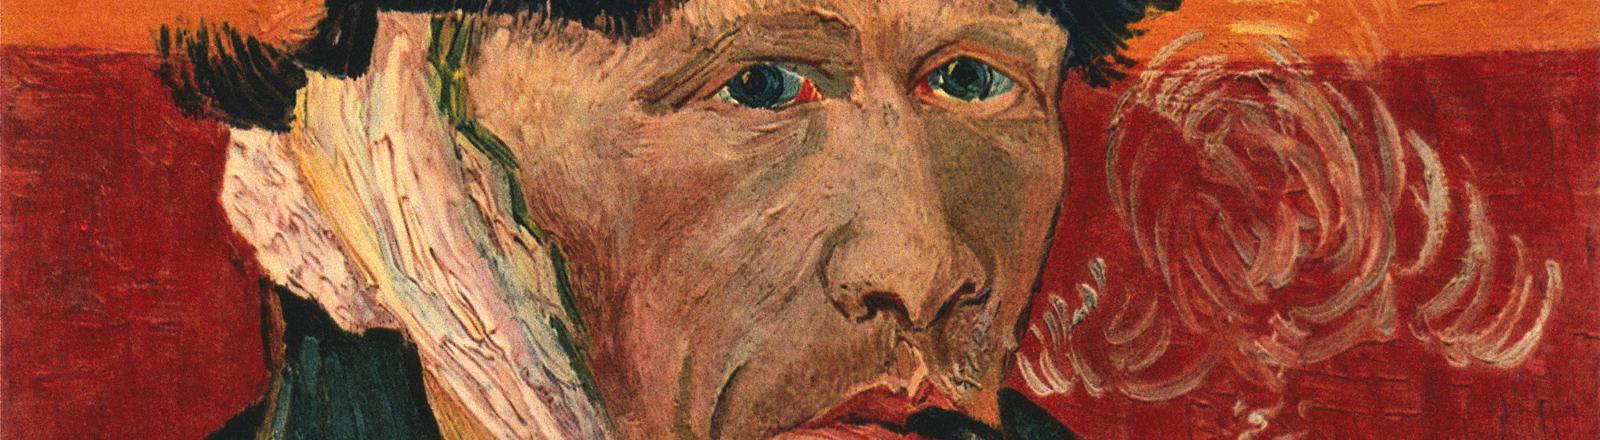 """Selbstbildnis des niederländischen Malers Vincent van Gogh. Es trägt den Titel """"Selbstbildnis mit Pfeife"""". Darauf ist die verbundene Stelle des abgeschnitten Ohrs zu sehen."""